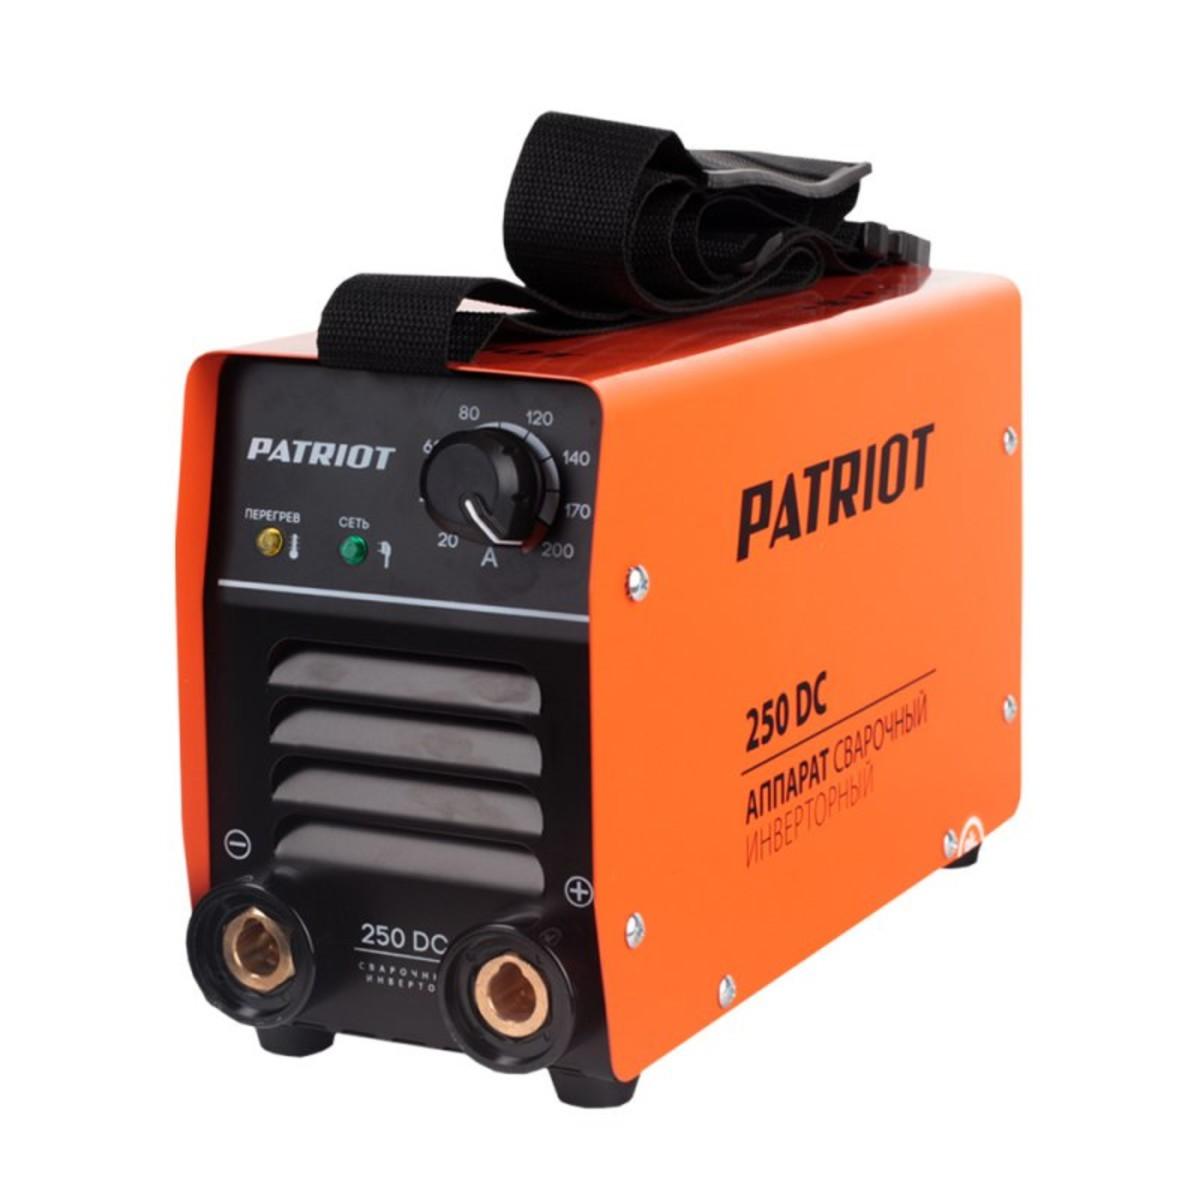 Дуговой Сварочный Инвертор Patriot 250dc Mma 605302521